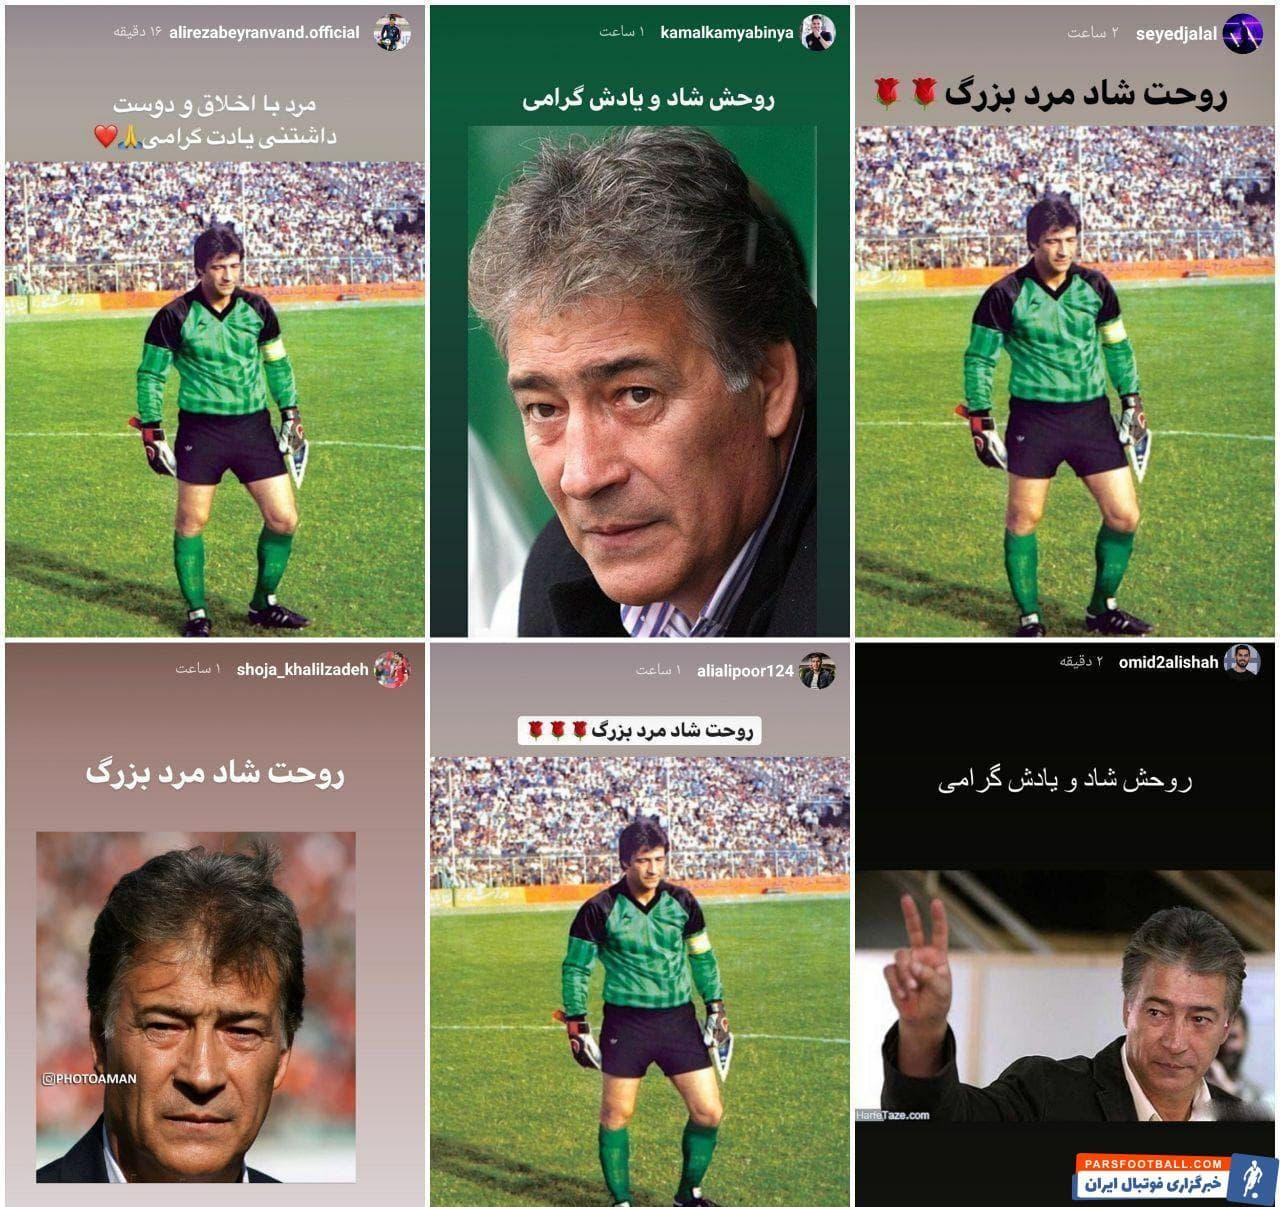 دیروز سالگرد درگذشت ناصر حجازی اسطوره استقلال بود و بازیکنان پرسپولیس برای ادای احترام به این پیشکسوت فوتبال، تصاویر او را در اینستاگرام منتشر کردند.